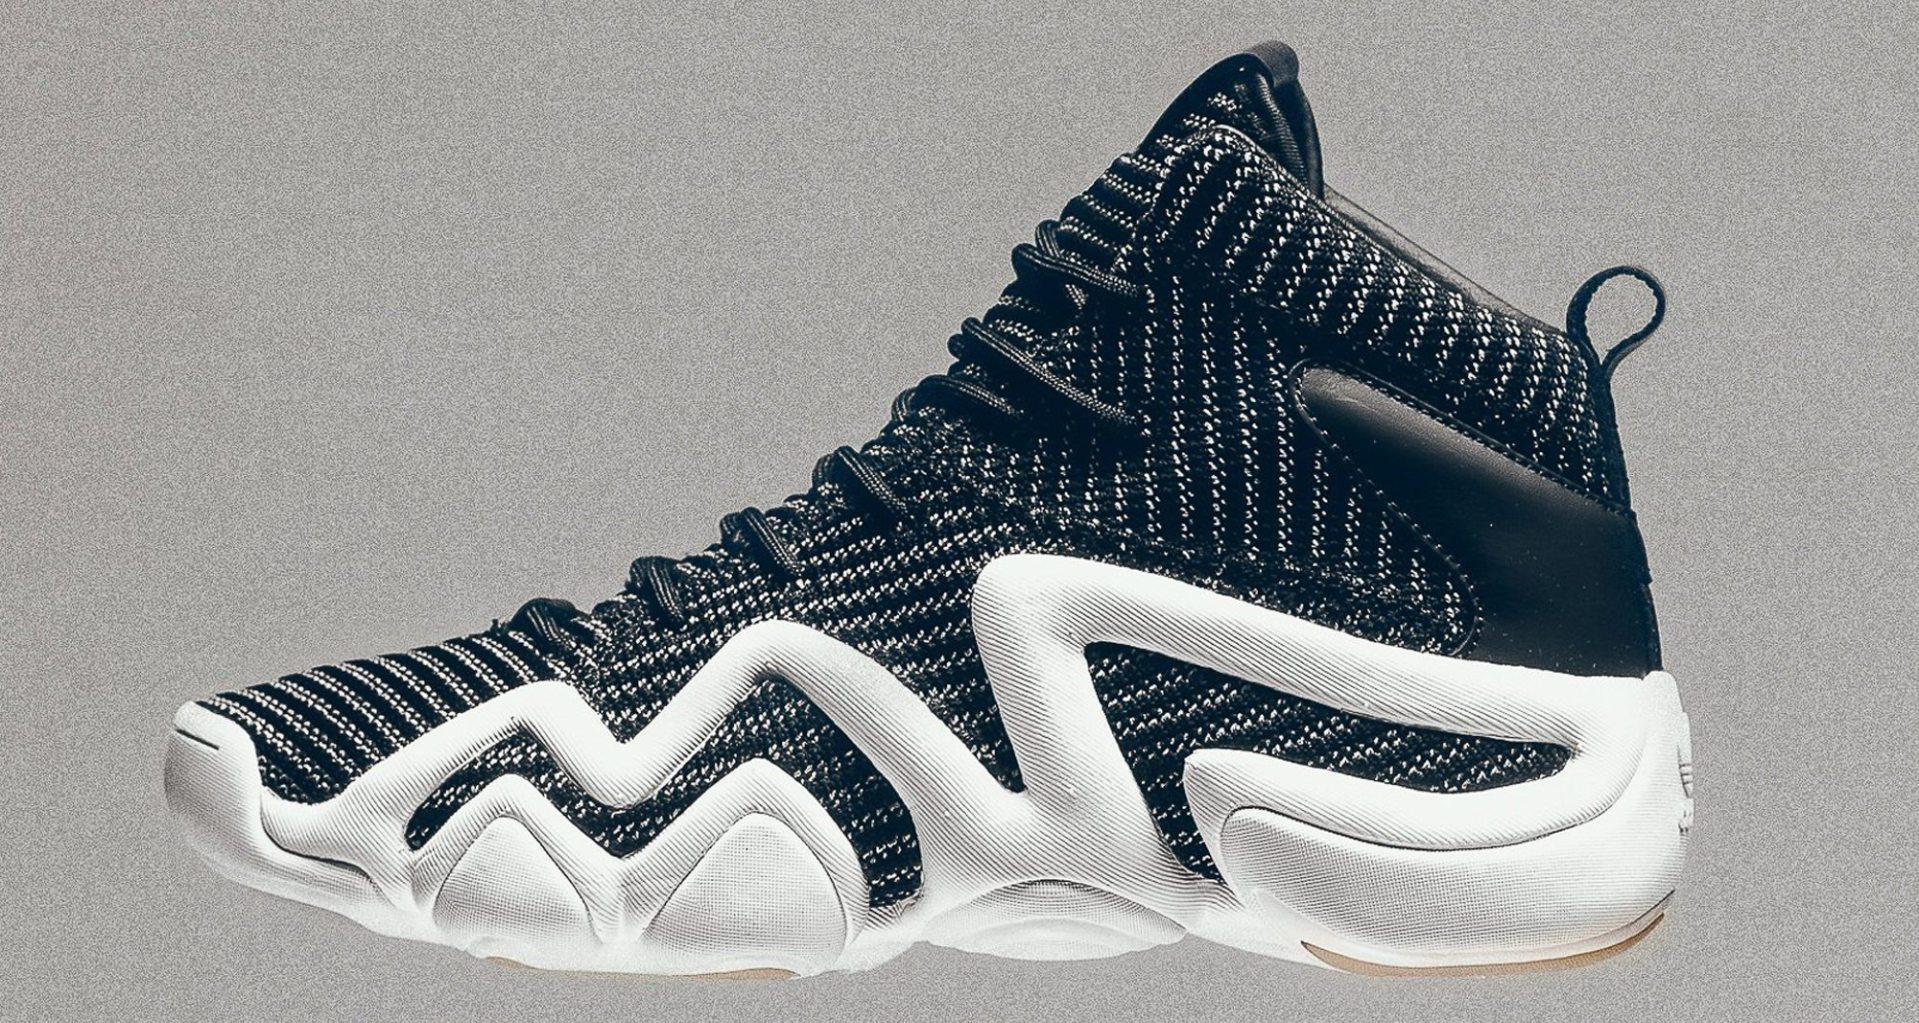 Adidas Crazy 8 ADV PK